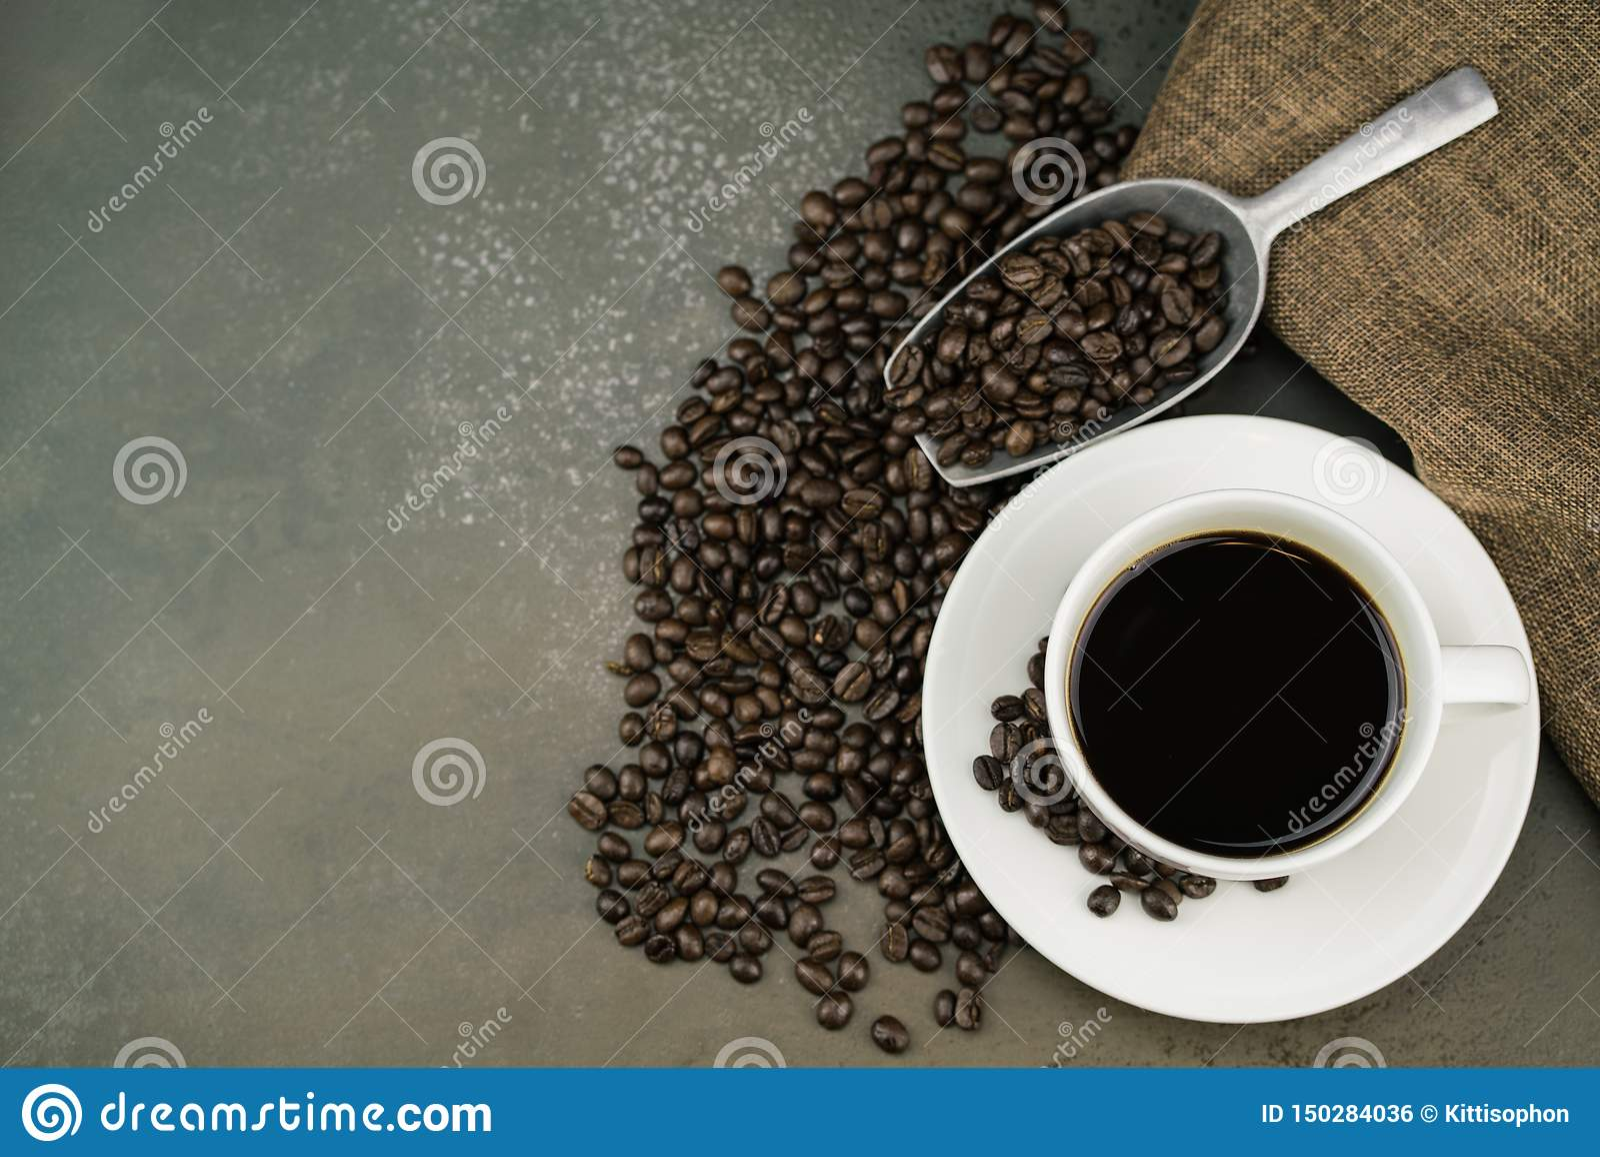 Τοπ άποψη του καυτού καφέ στο άσπρο φλυτζάνι με τα φασόλια καφέ ψητού, την τσάντα και τη σέσουλα στο επιτραπέζιο υπόβαθρο πετρών